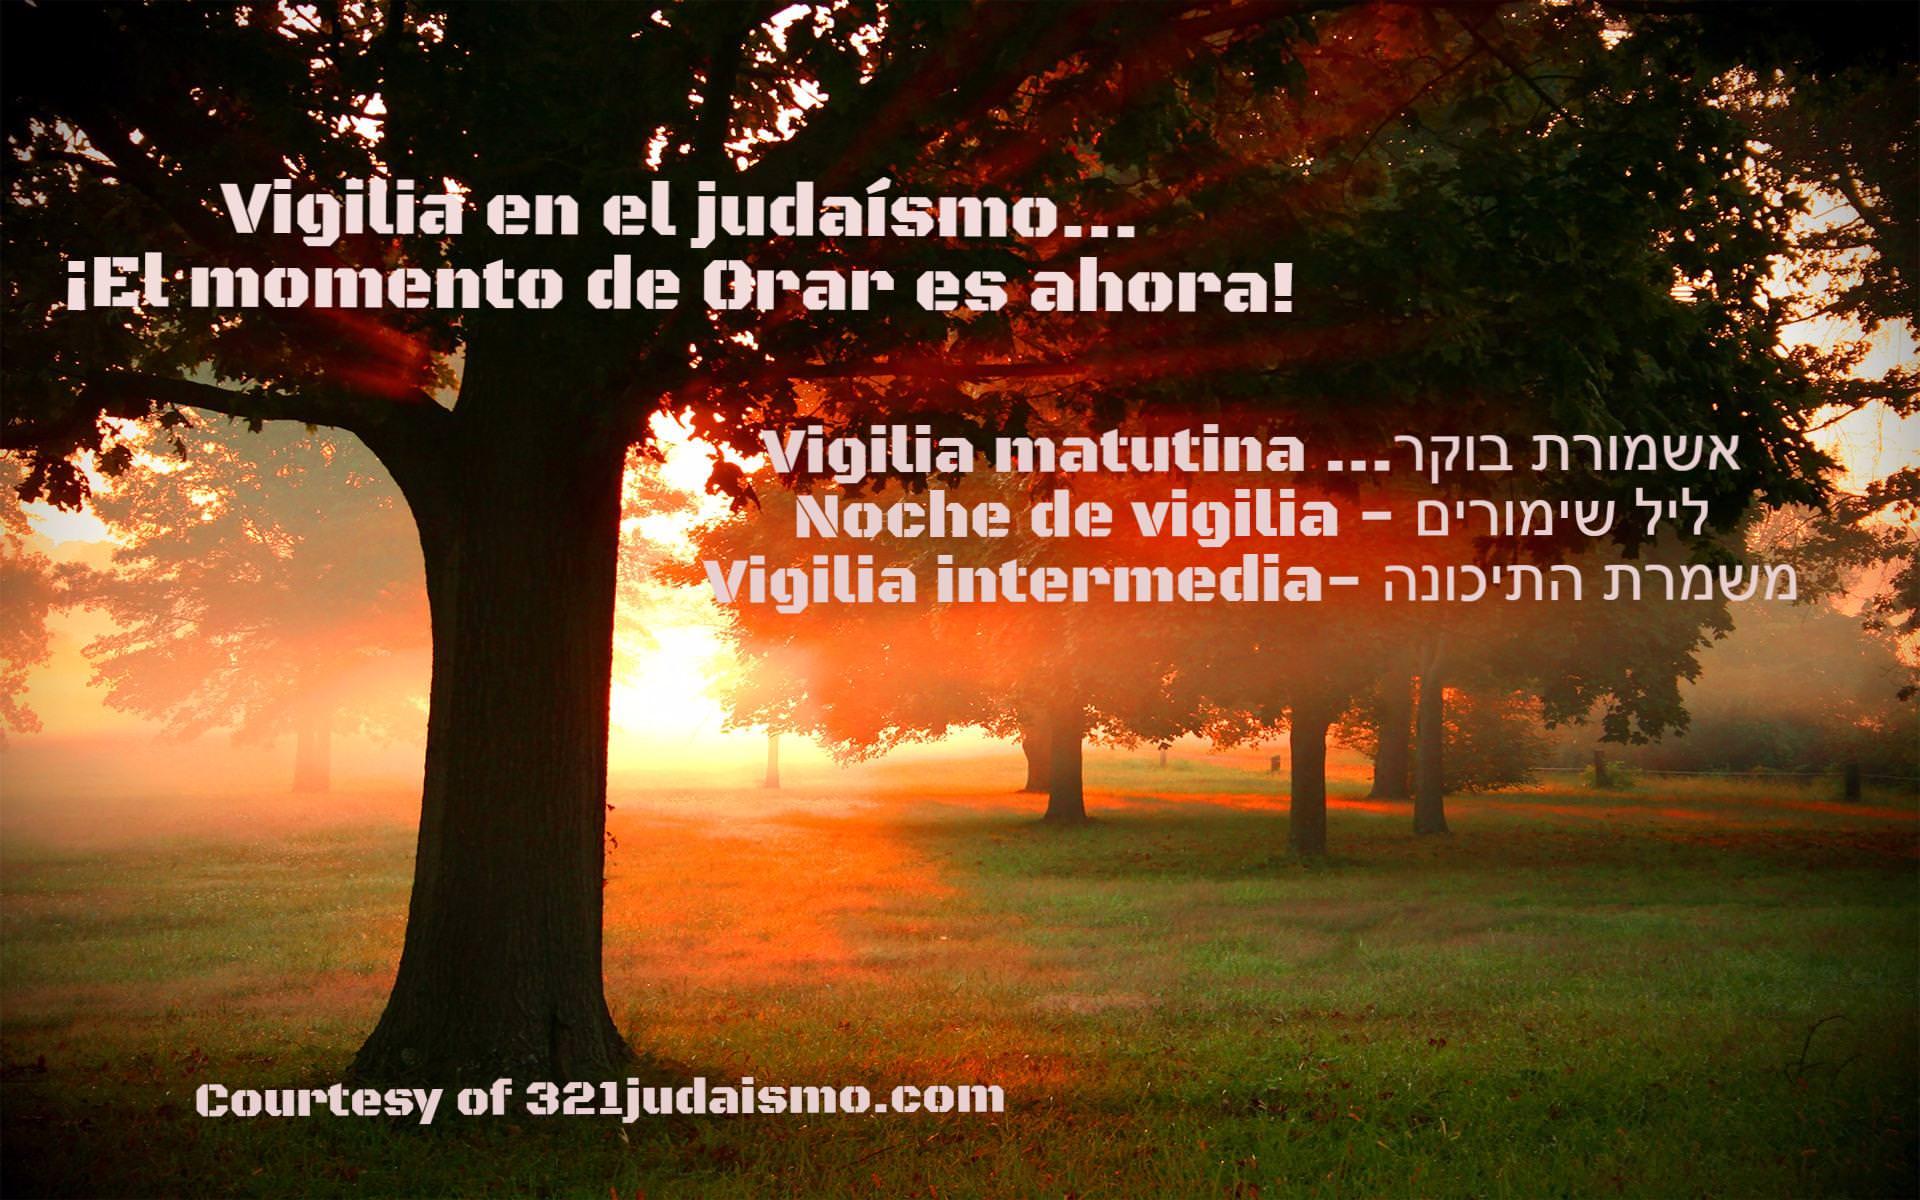 Vigilia en el judaísmo